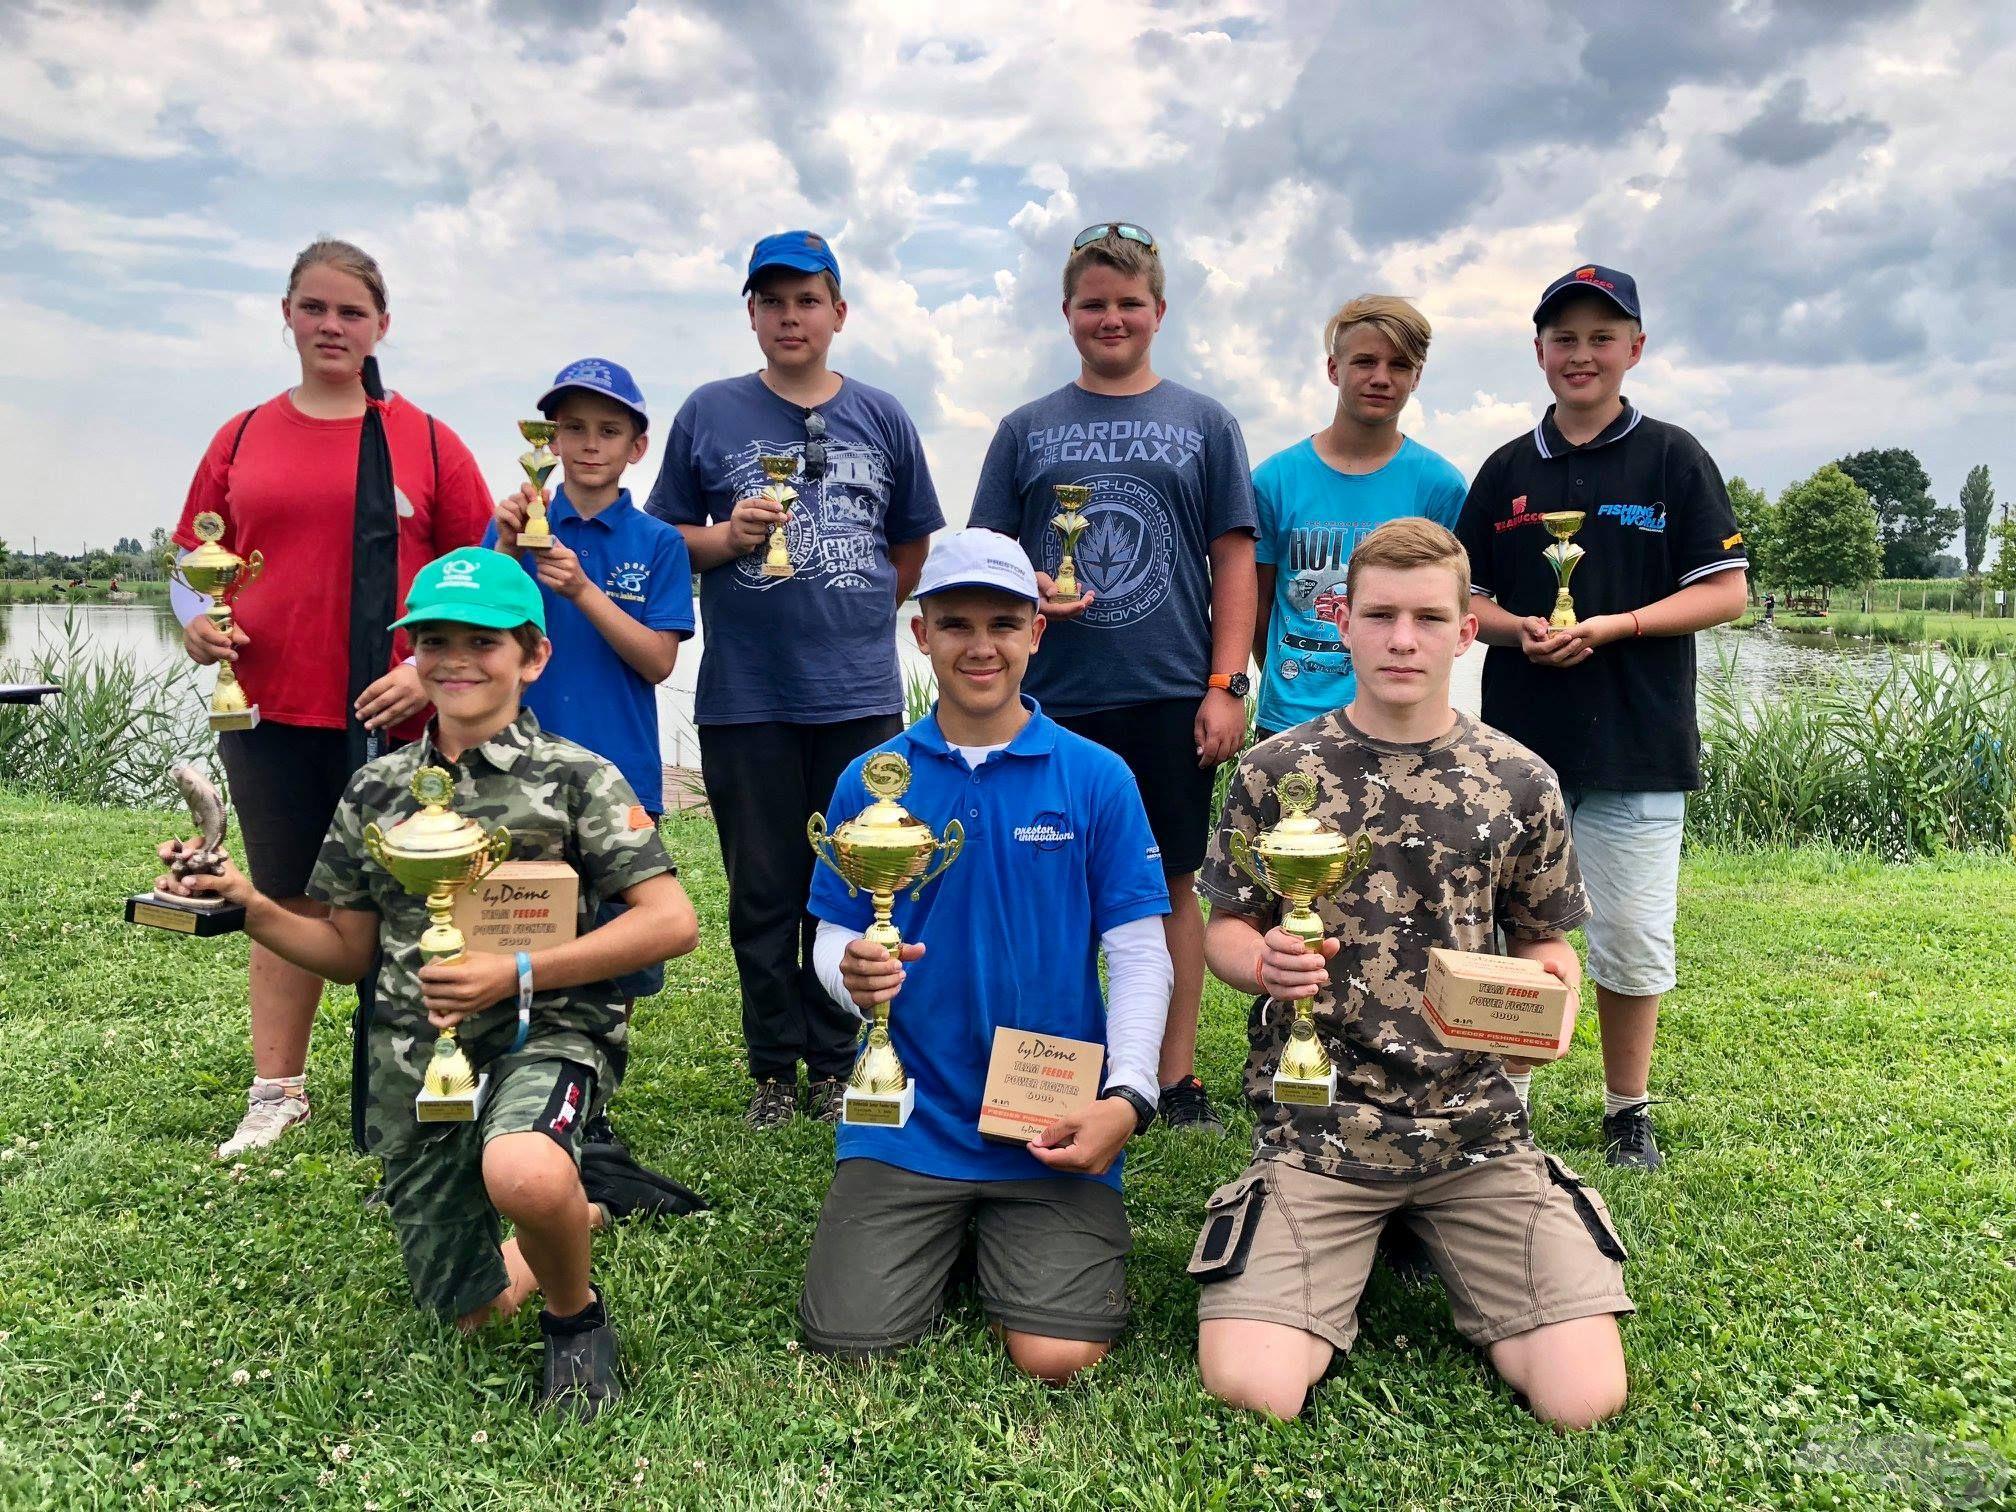 A IV. Haldorádó Junior Feeder Kupa gyermek kategória győztesei